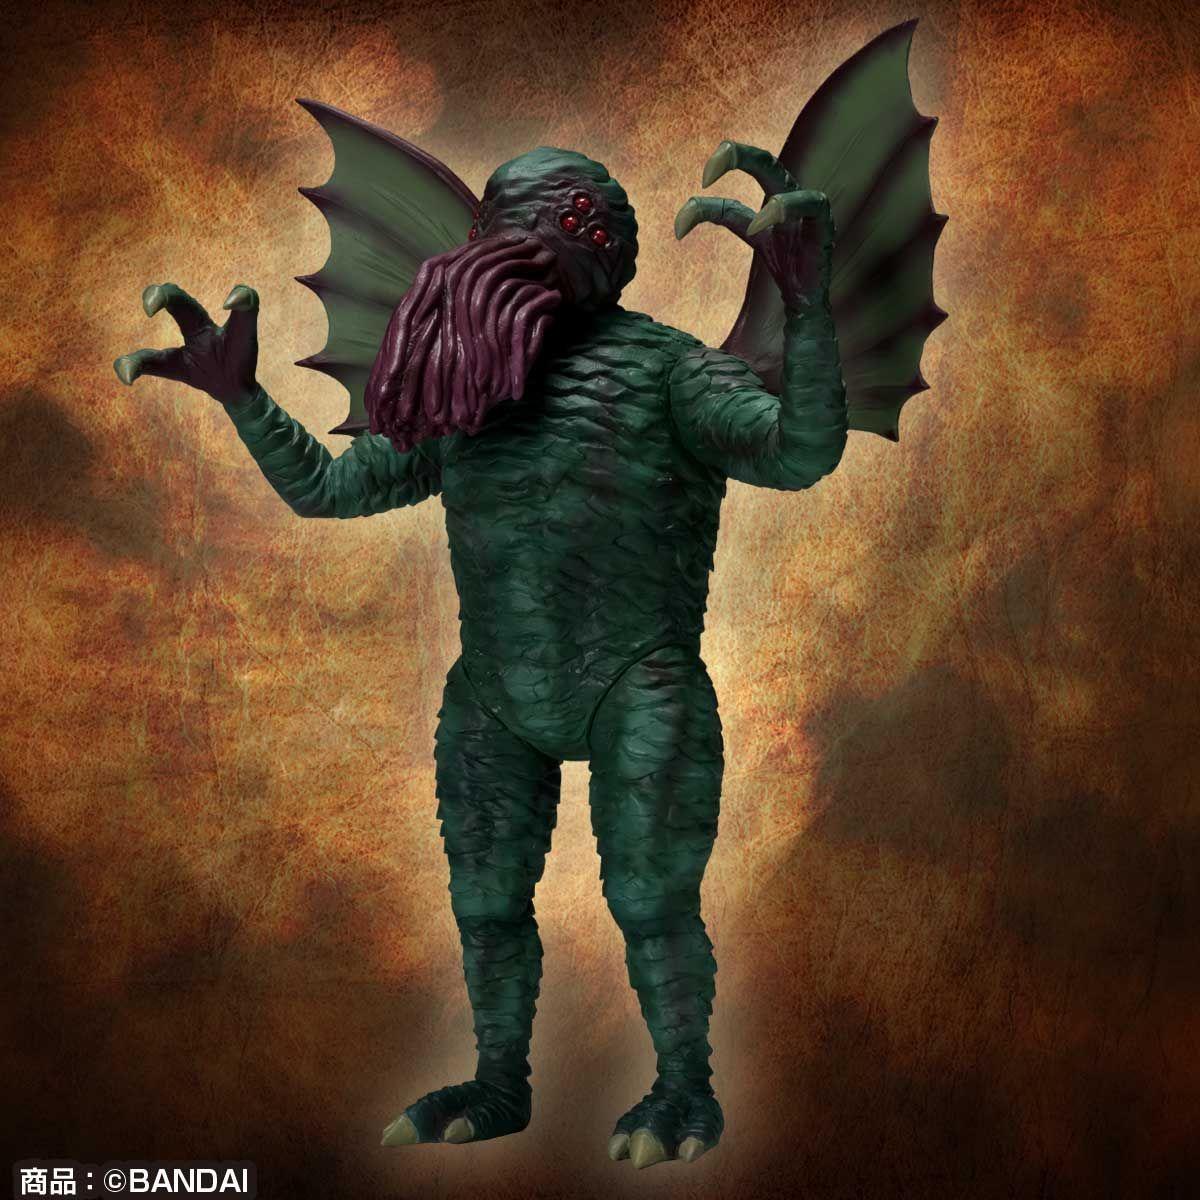 【限定販売】クトゥルフ神話『H.P.ラヴクラフトのCTHULHU』完成品フィギュア-008